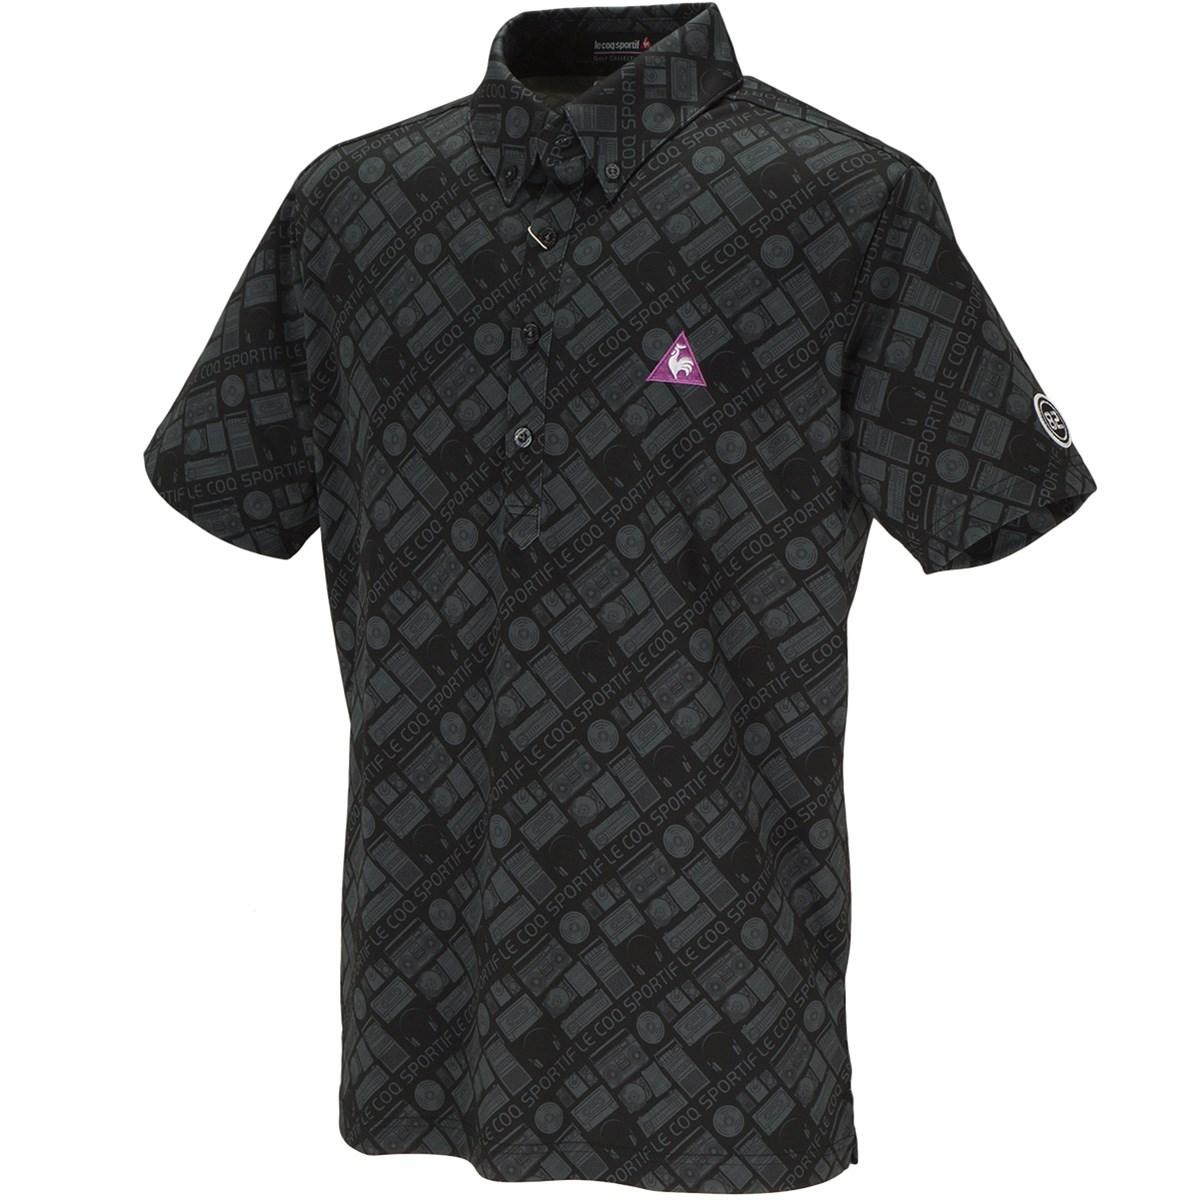 ルコックゴルフ ファンキーアイコンプリント 半袖ポロシャツ